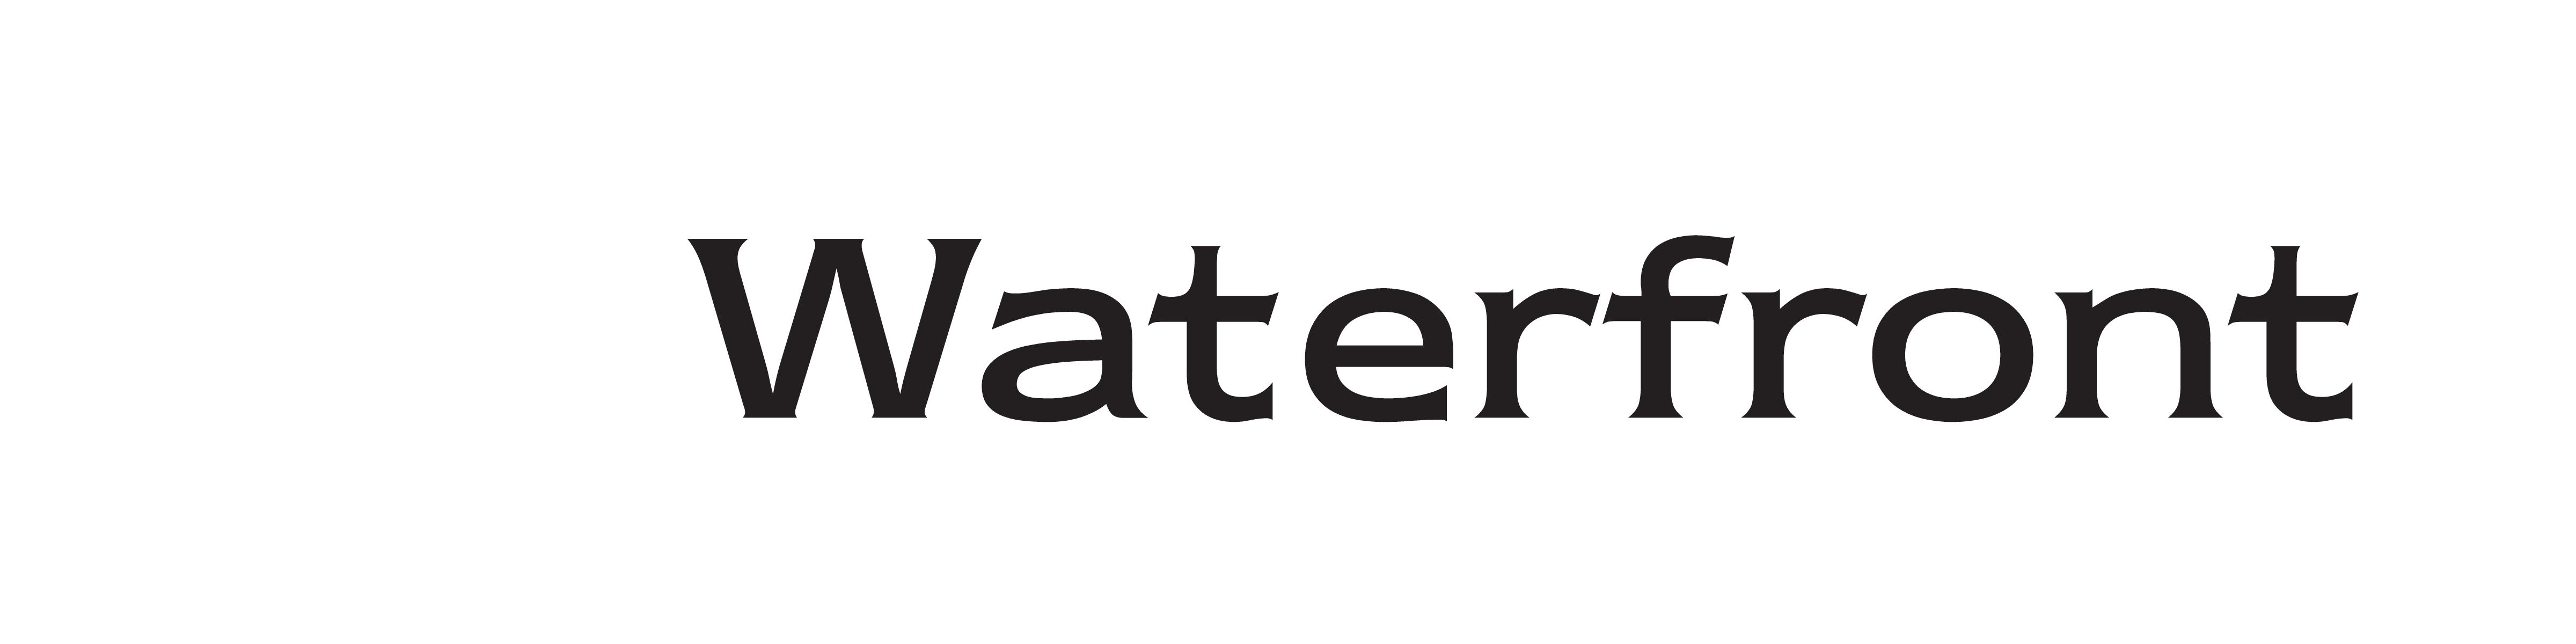 2 | Bord de l'eau / Waterfront